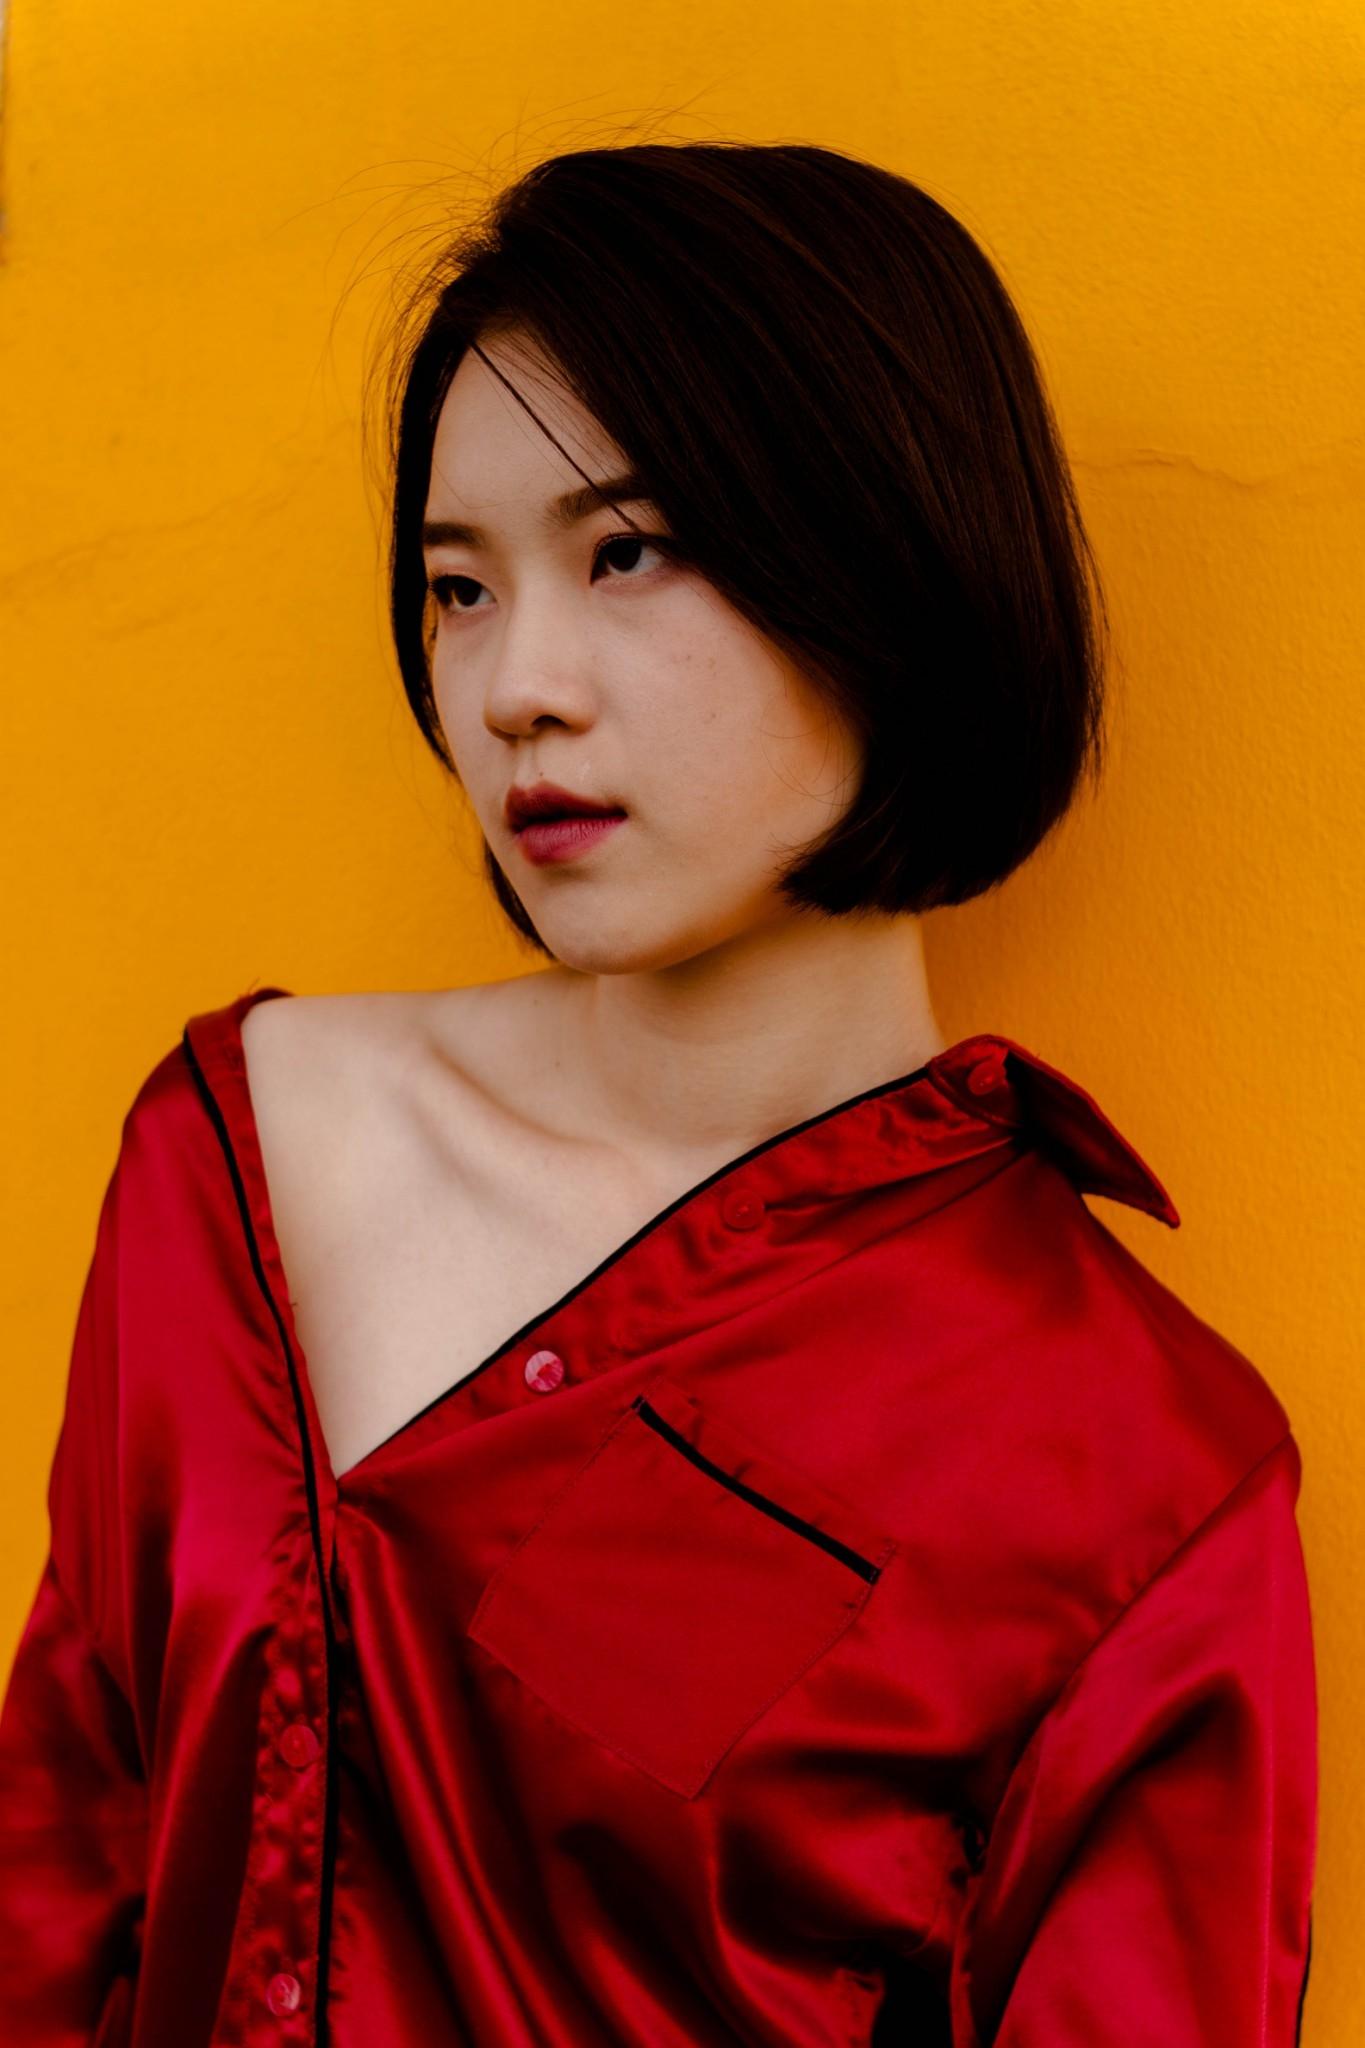 เสื้อเชิ้ตสีแดง